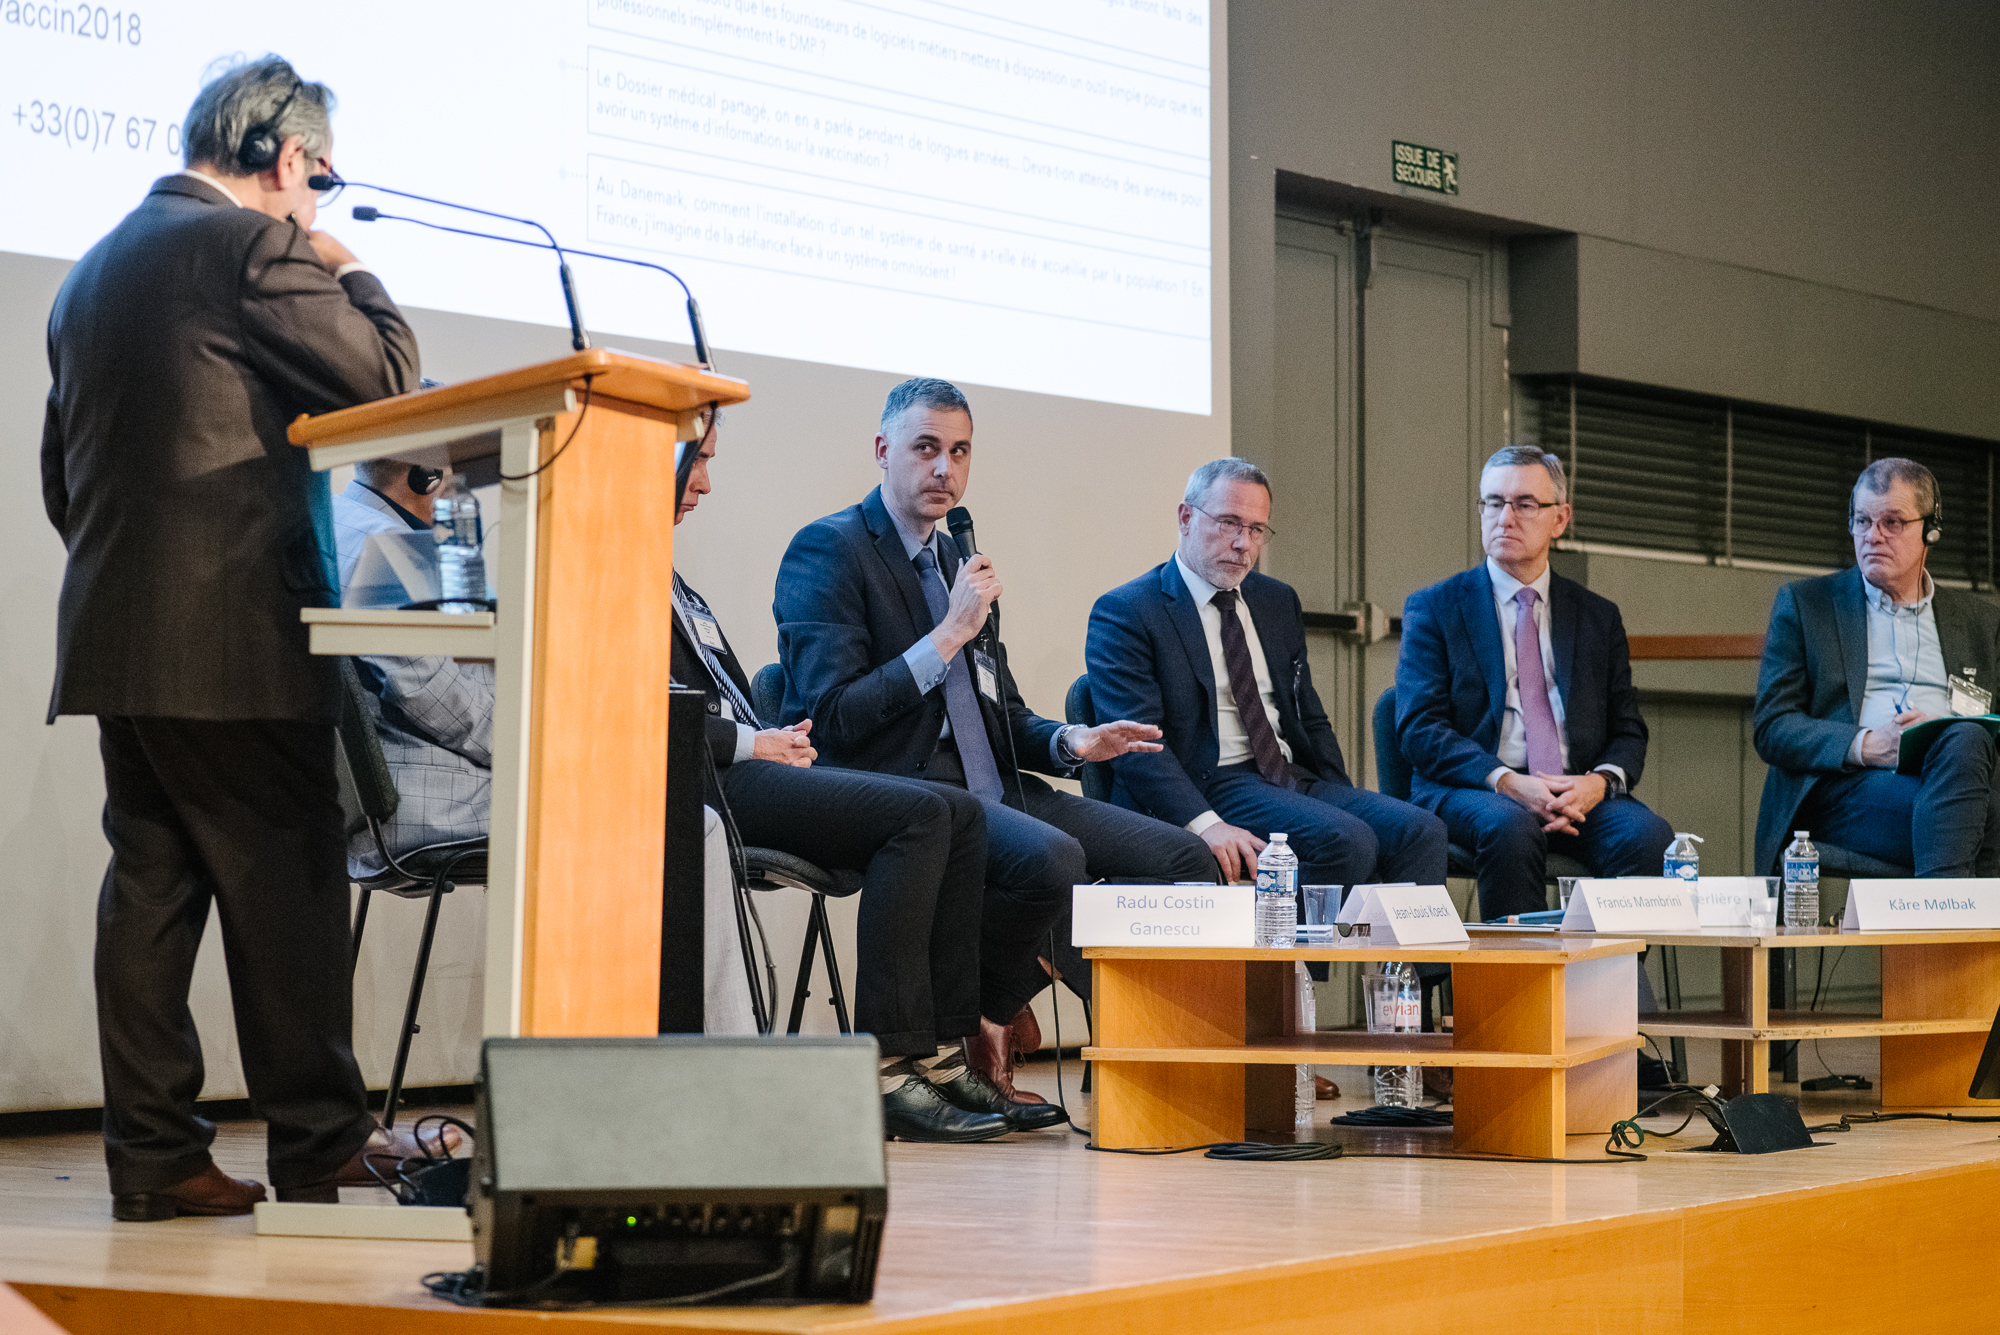 Assises européennes du Vaccin en vidéo – Les systèmes d'information sur la vaccination, éléments clés de l'efficience des programmes de vaccination